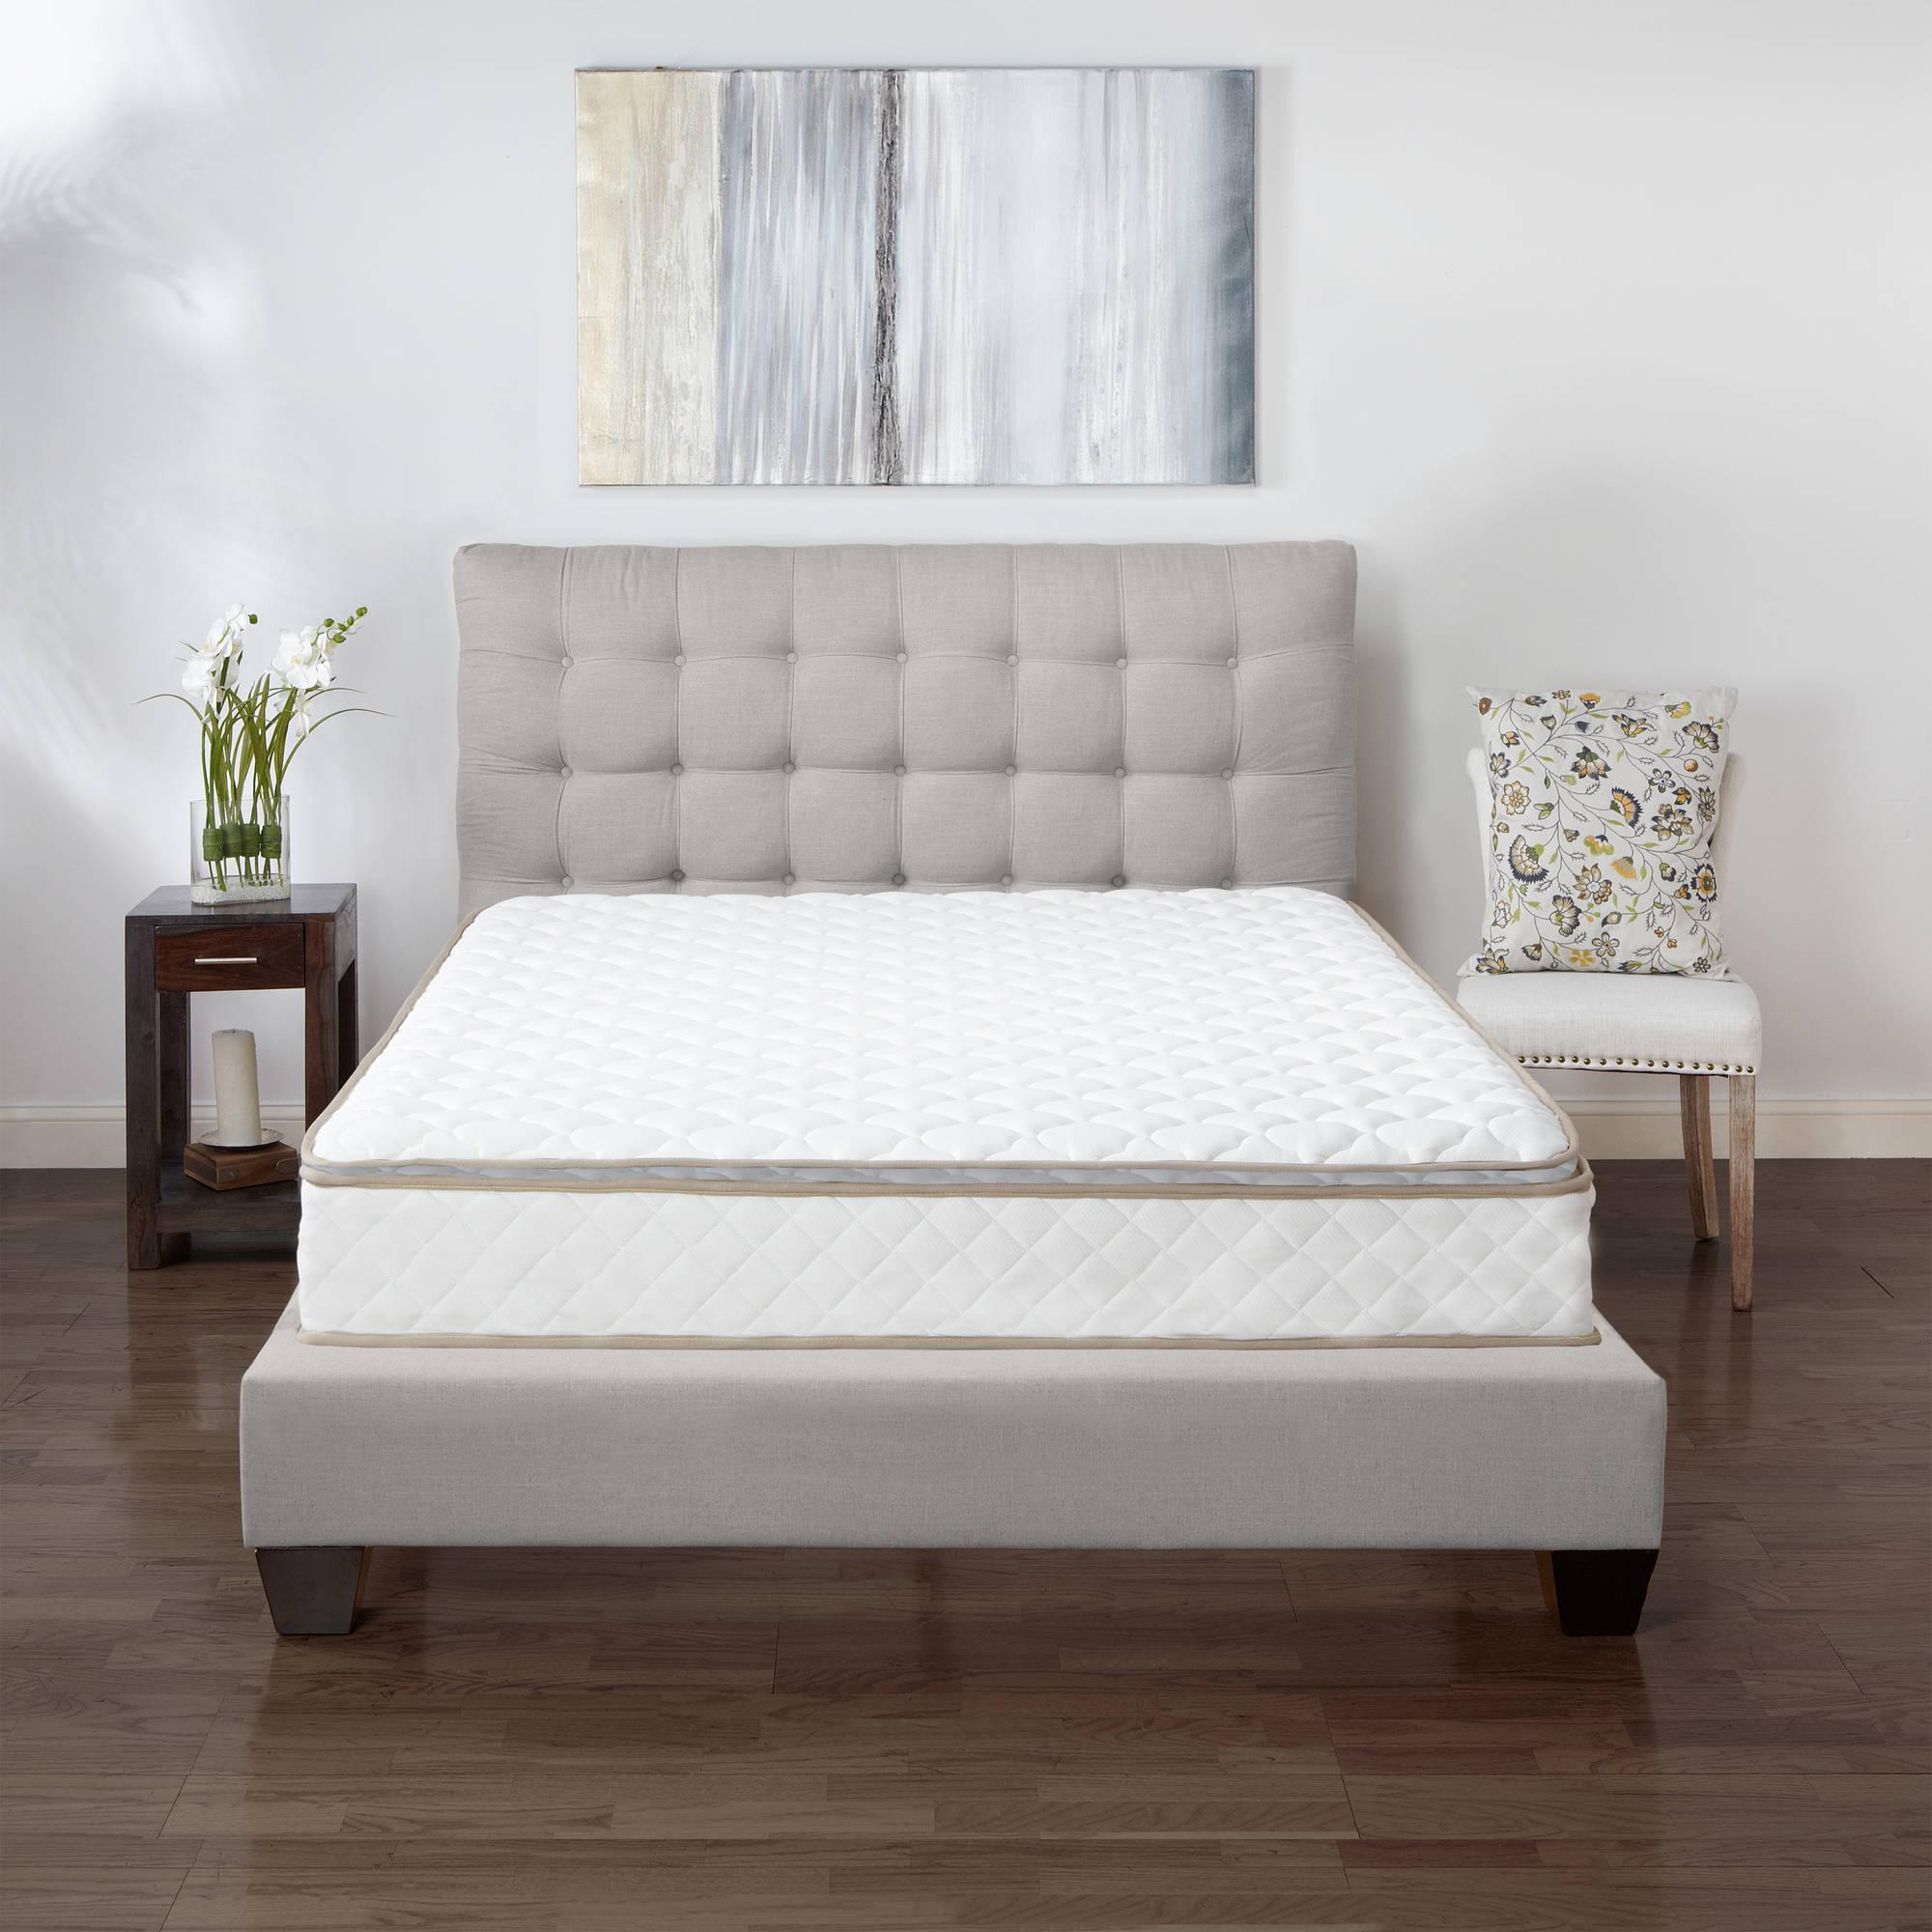 modern sleep pillowtop innerspring inch mattress multiple  - modern sleep pillowtop innerspring inch mattress multiple sizes walmartcom